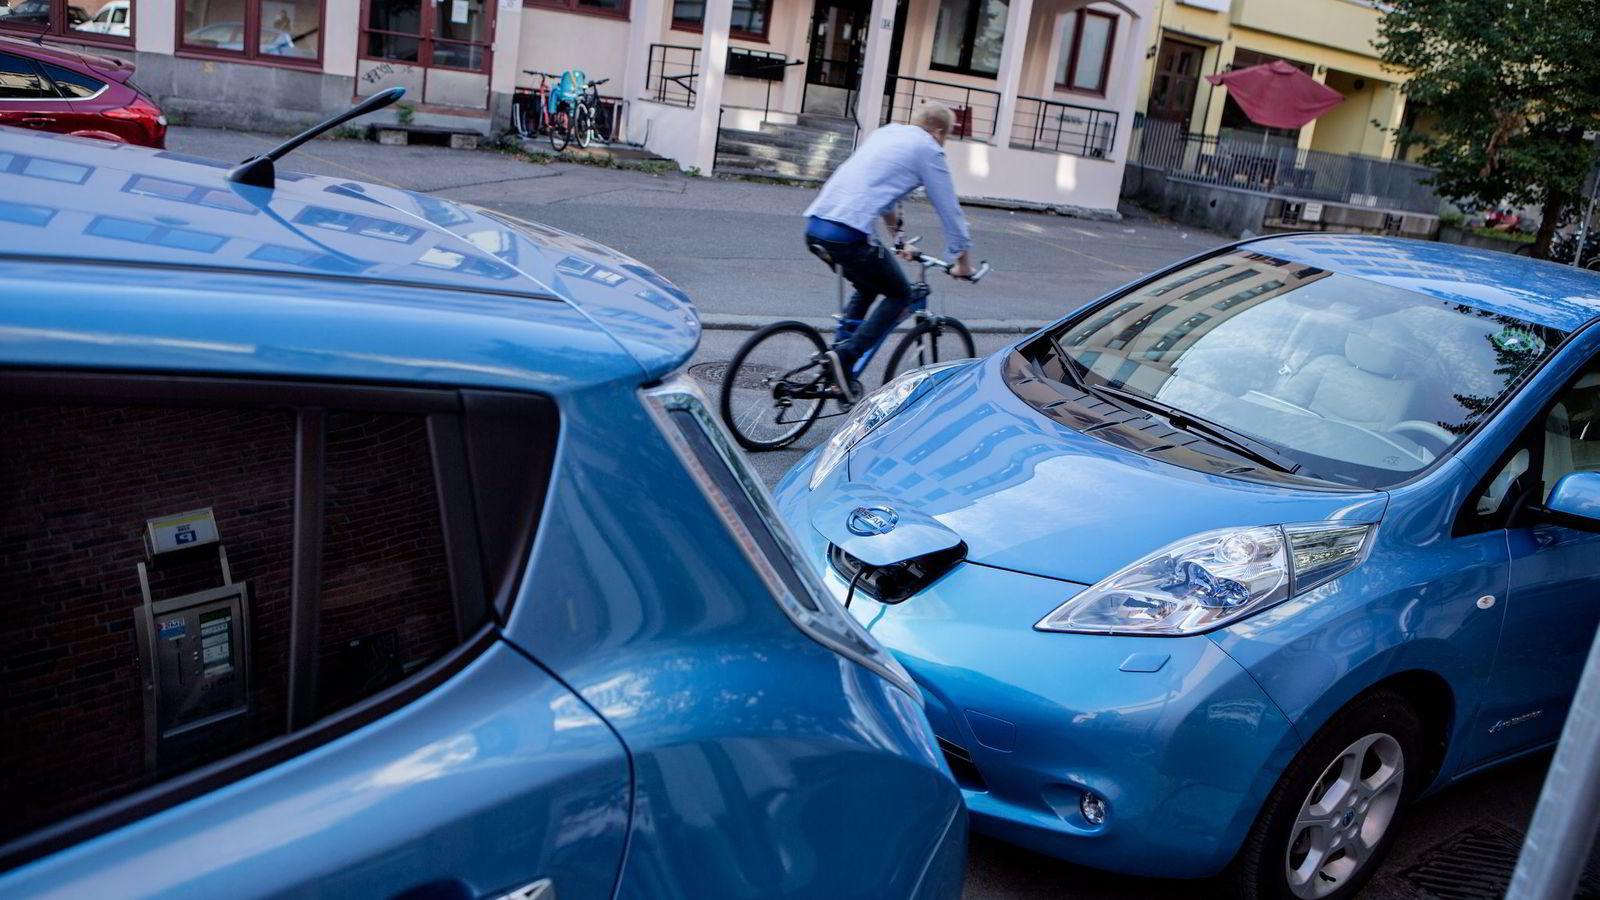 ERSTATTER. Studier viser at elbilen og elkjøringen ofte erstatter bensin, og da vil daglig kjøring i den forurensede byen bidra, lokalt og globalt, skriver artikkelforfatterne. Foto: Fredrik Bjerknes